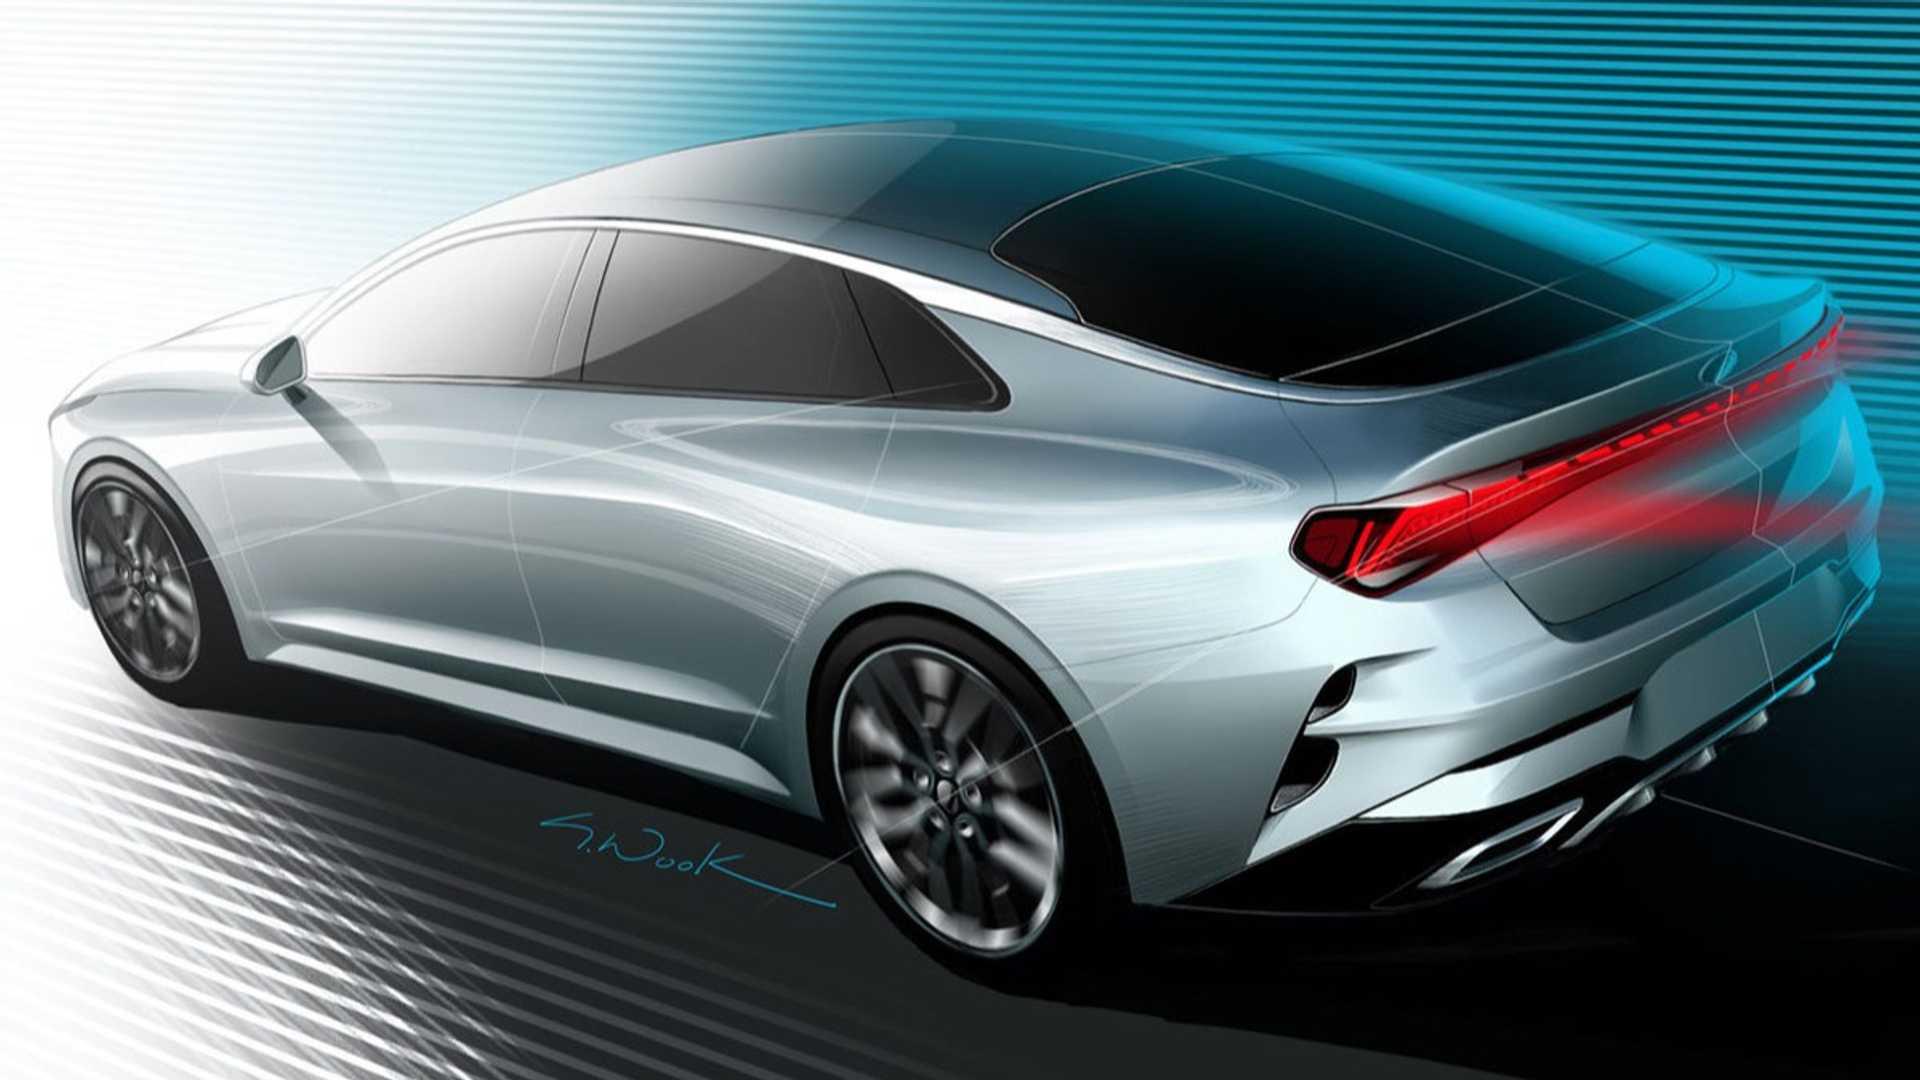 Kia Optima 2021 lộ diện với thiết kế thể thao - 1